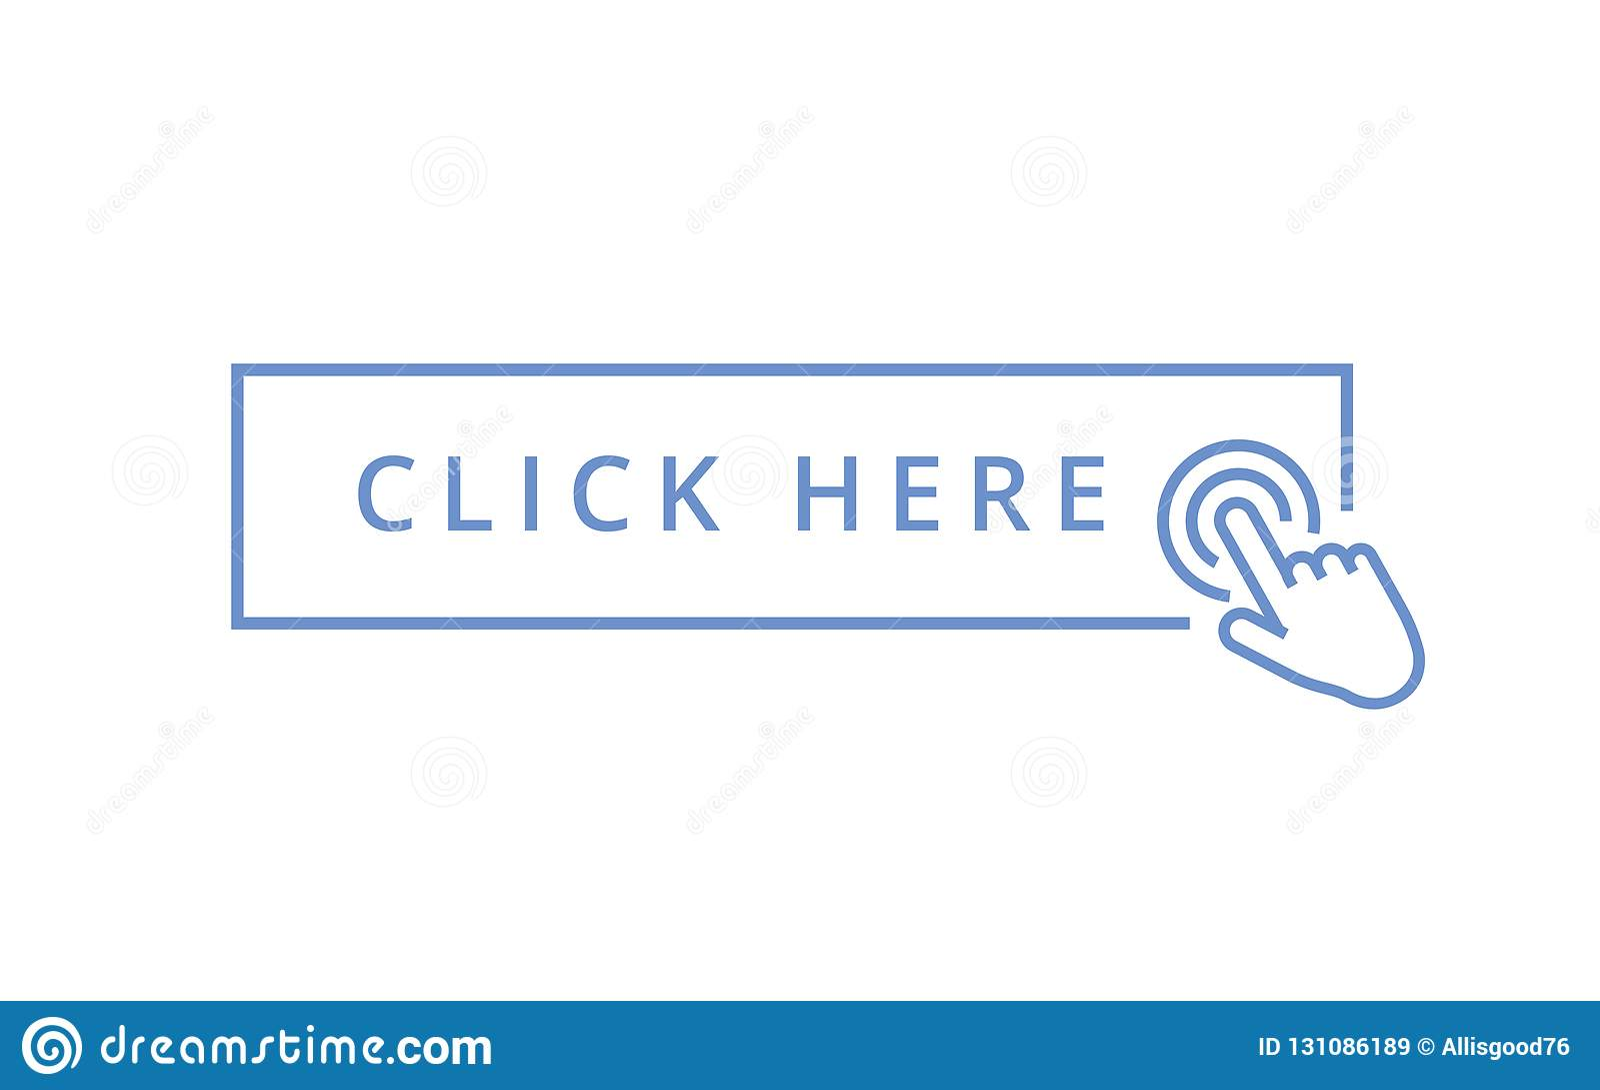 Klicken Sie hier Knopf mit dem Handzeigerklicken r Illustration lokalisiert für Grafik und Webdesign